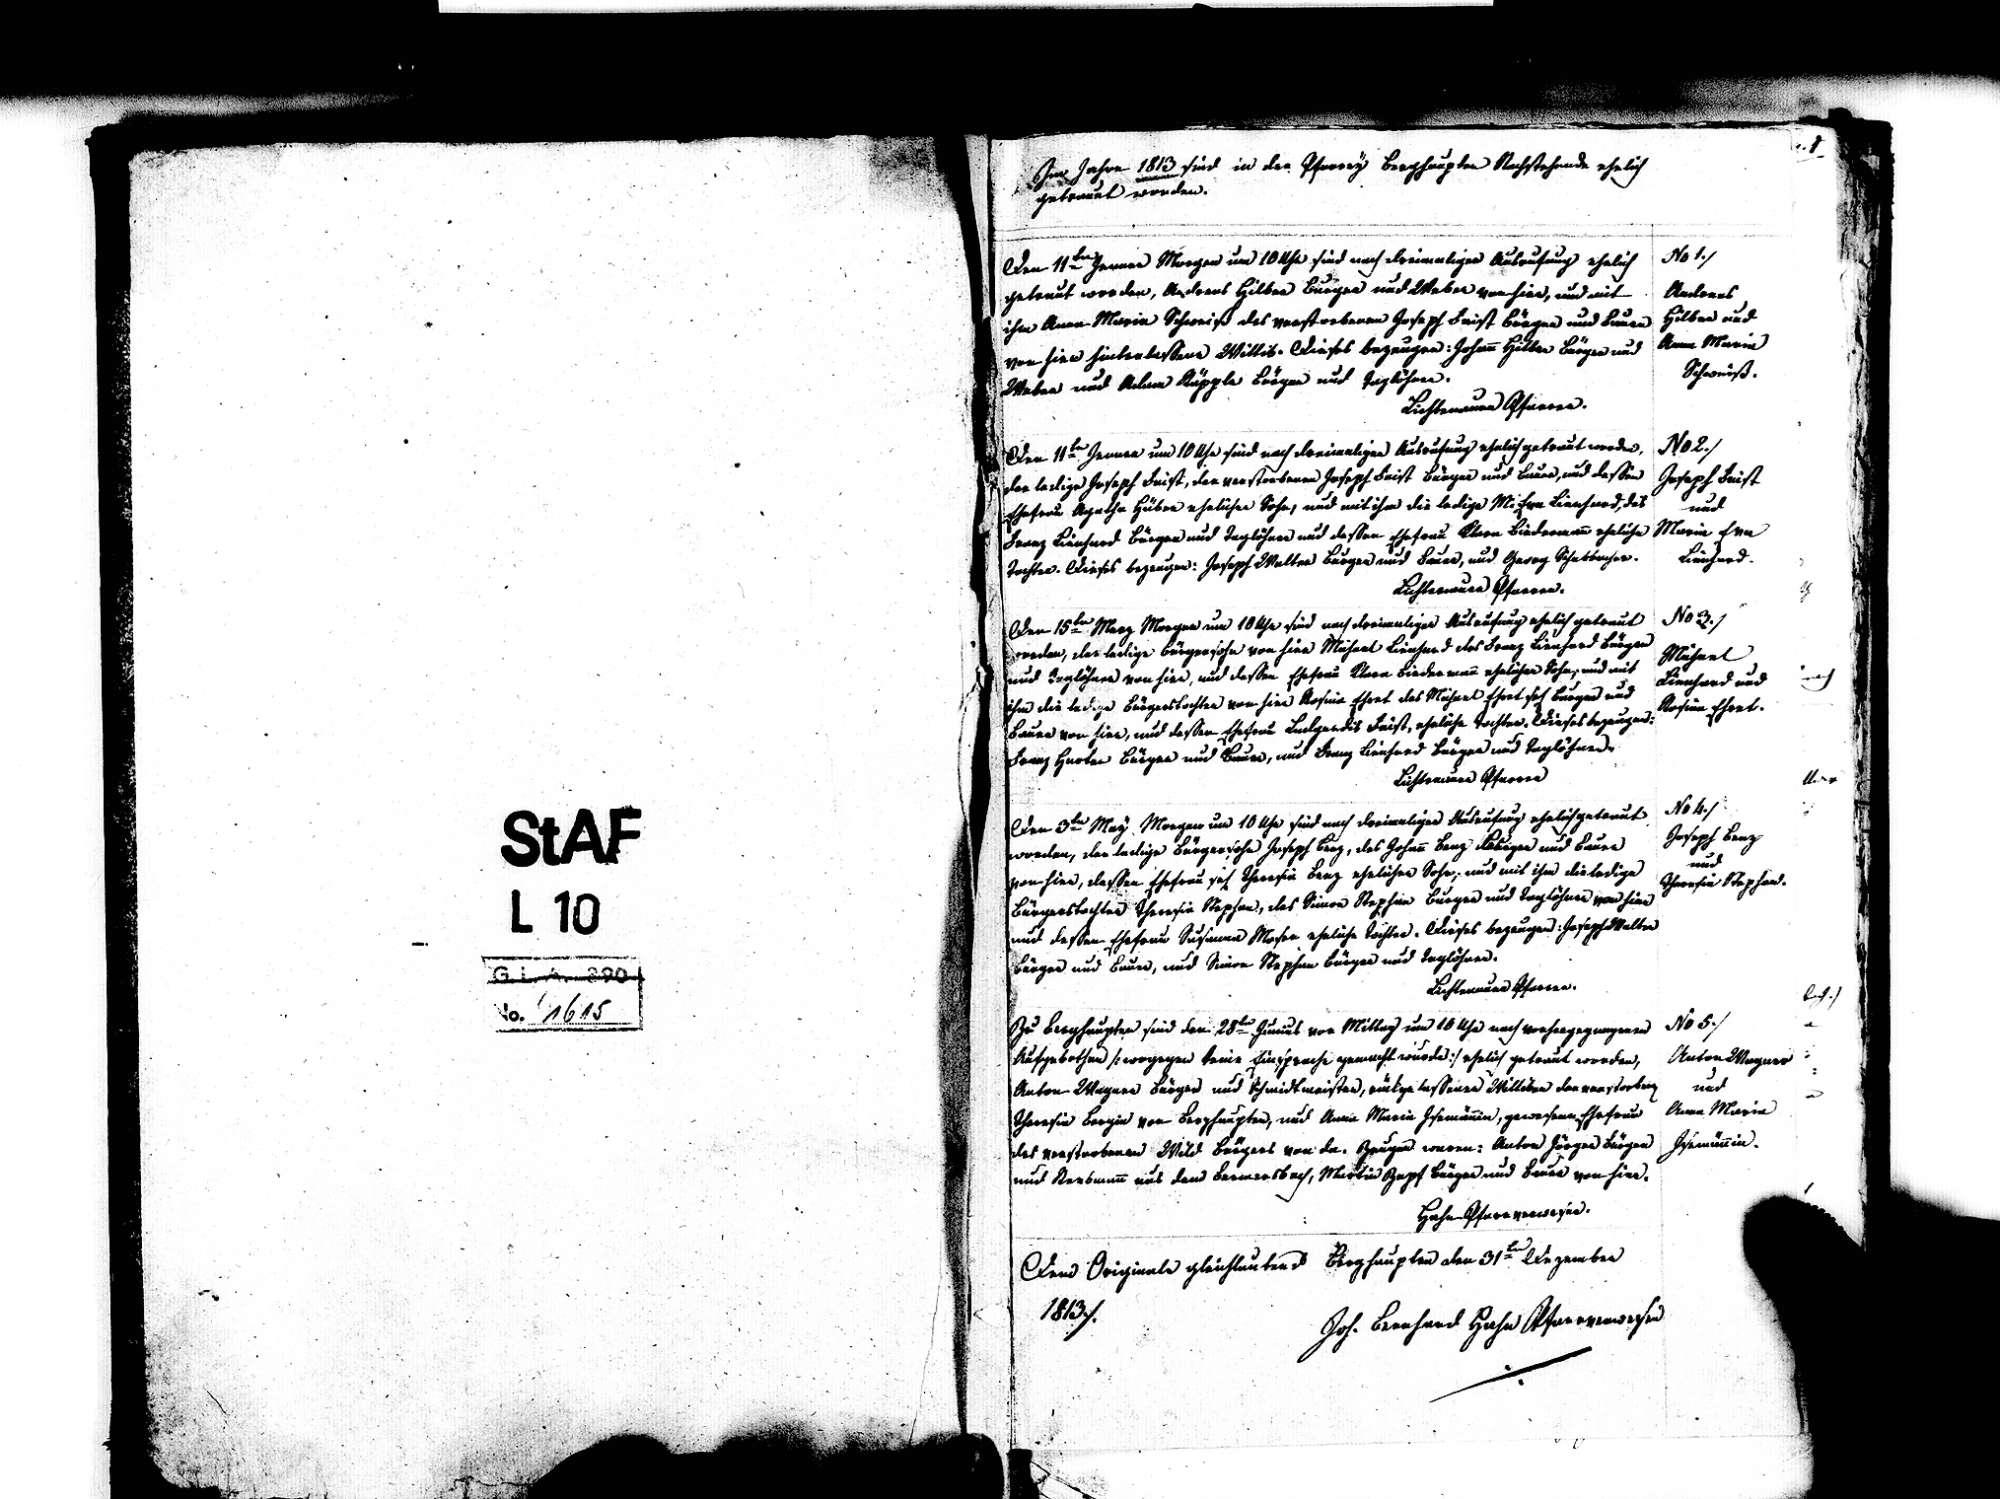 Berghaupten OG; Katholische Gemeinde: Heiratsbuch 1813-1839 Enthält: Einzelne Evangelische Einträge, Bild 3